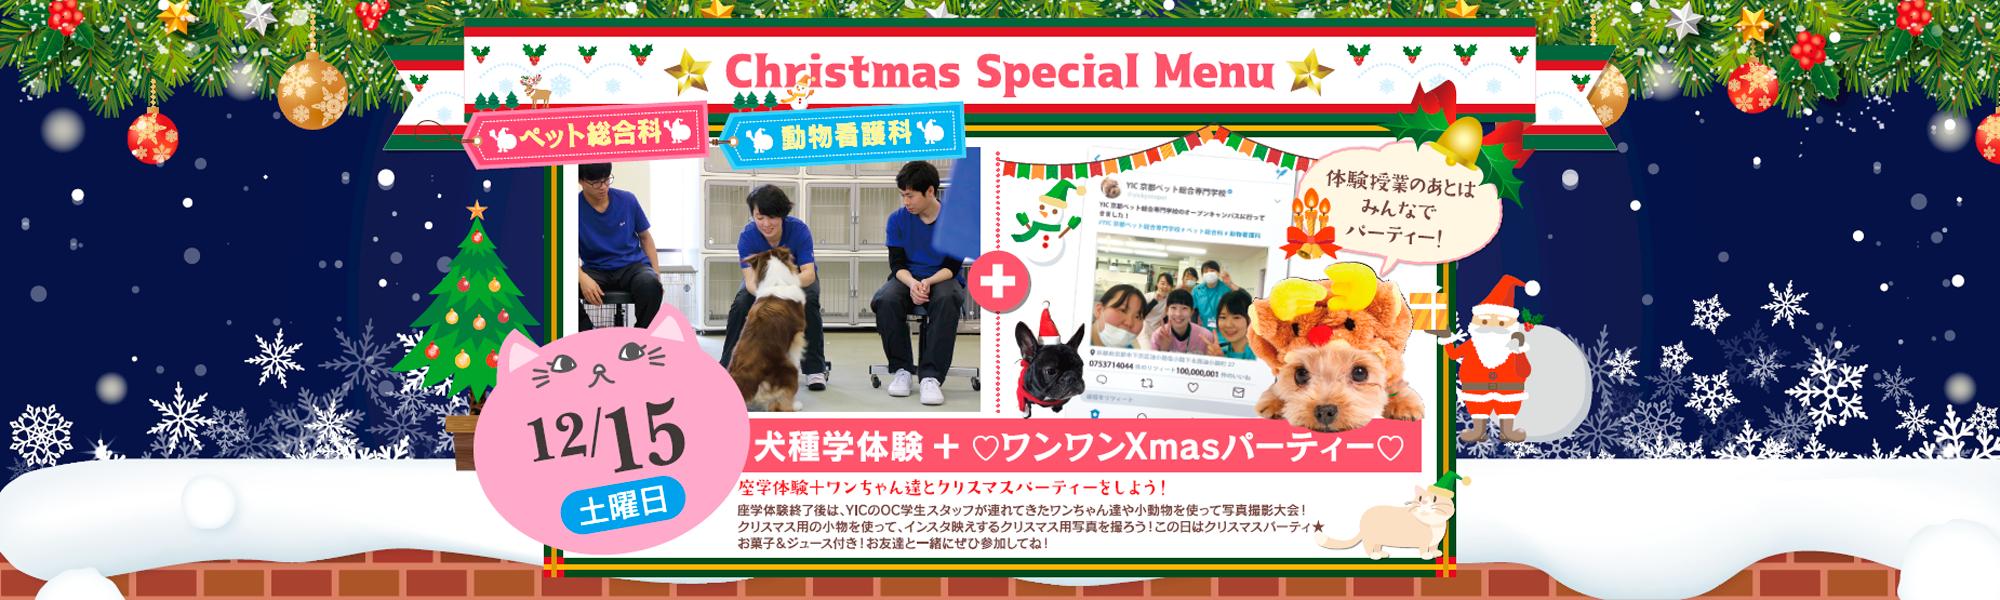 クリスマススペシャルメニュー!12月15日犬種学体験+ワンワンXmasパーティー